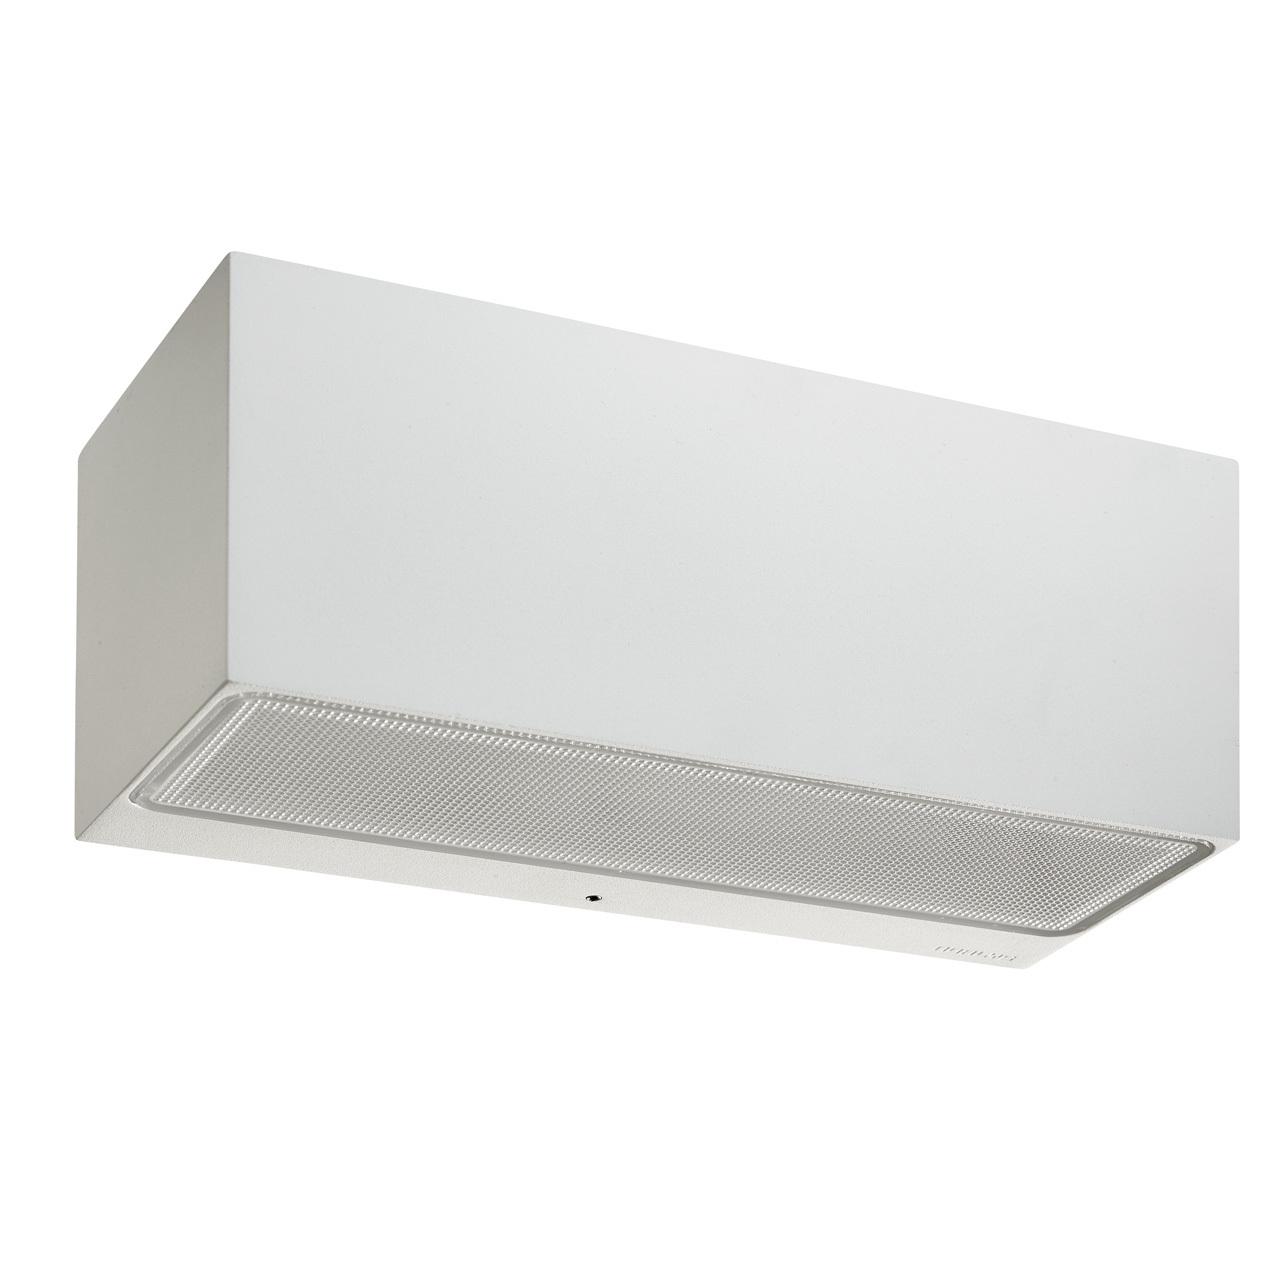 Lampa ścienna ASKER LED 5102W -Norlys  SPRAWDŹ RABATY  5-10-15-20 % w koszyku